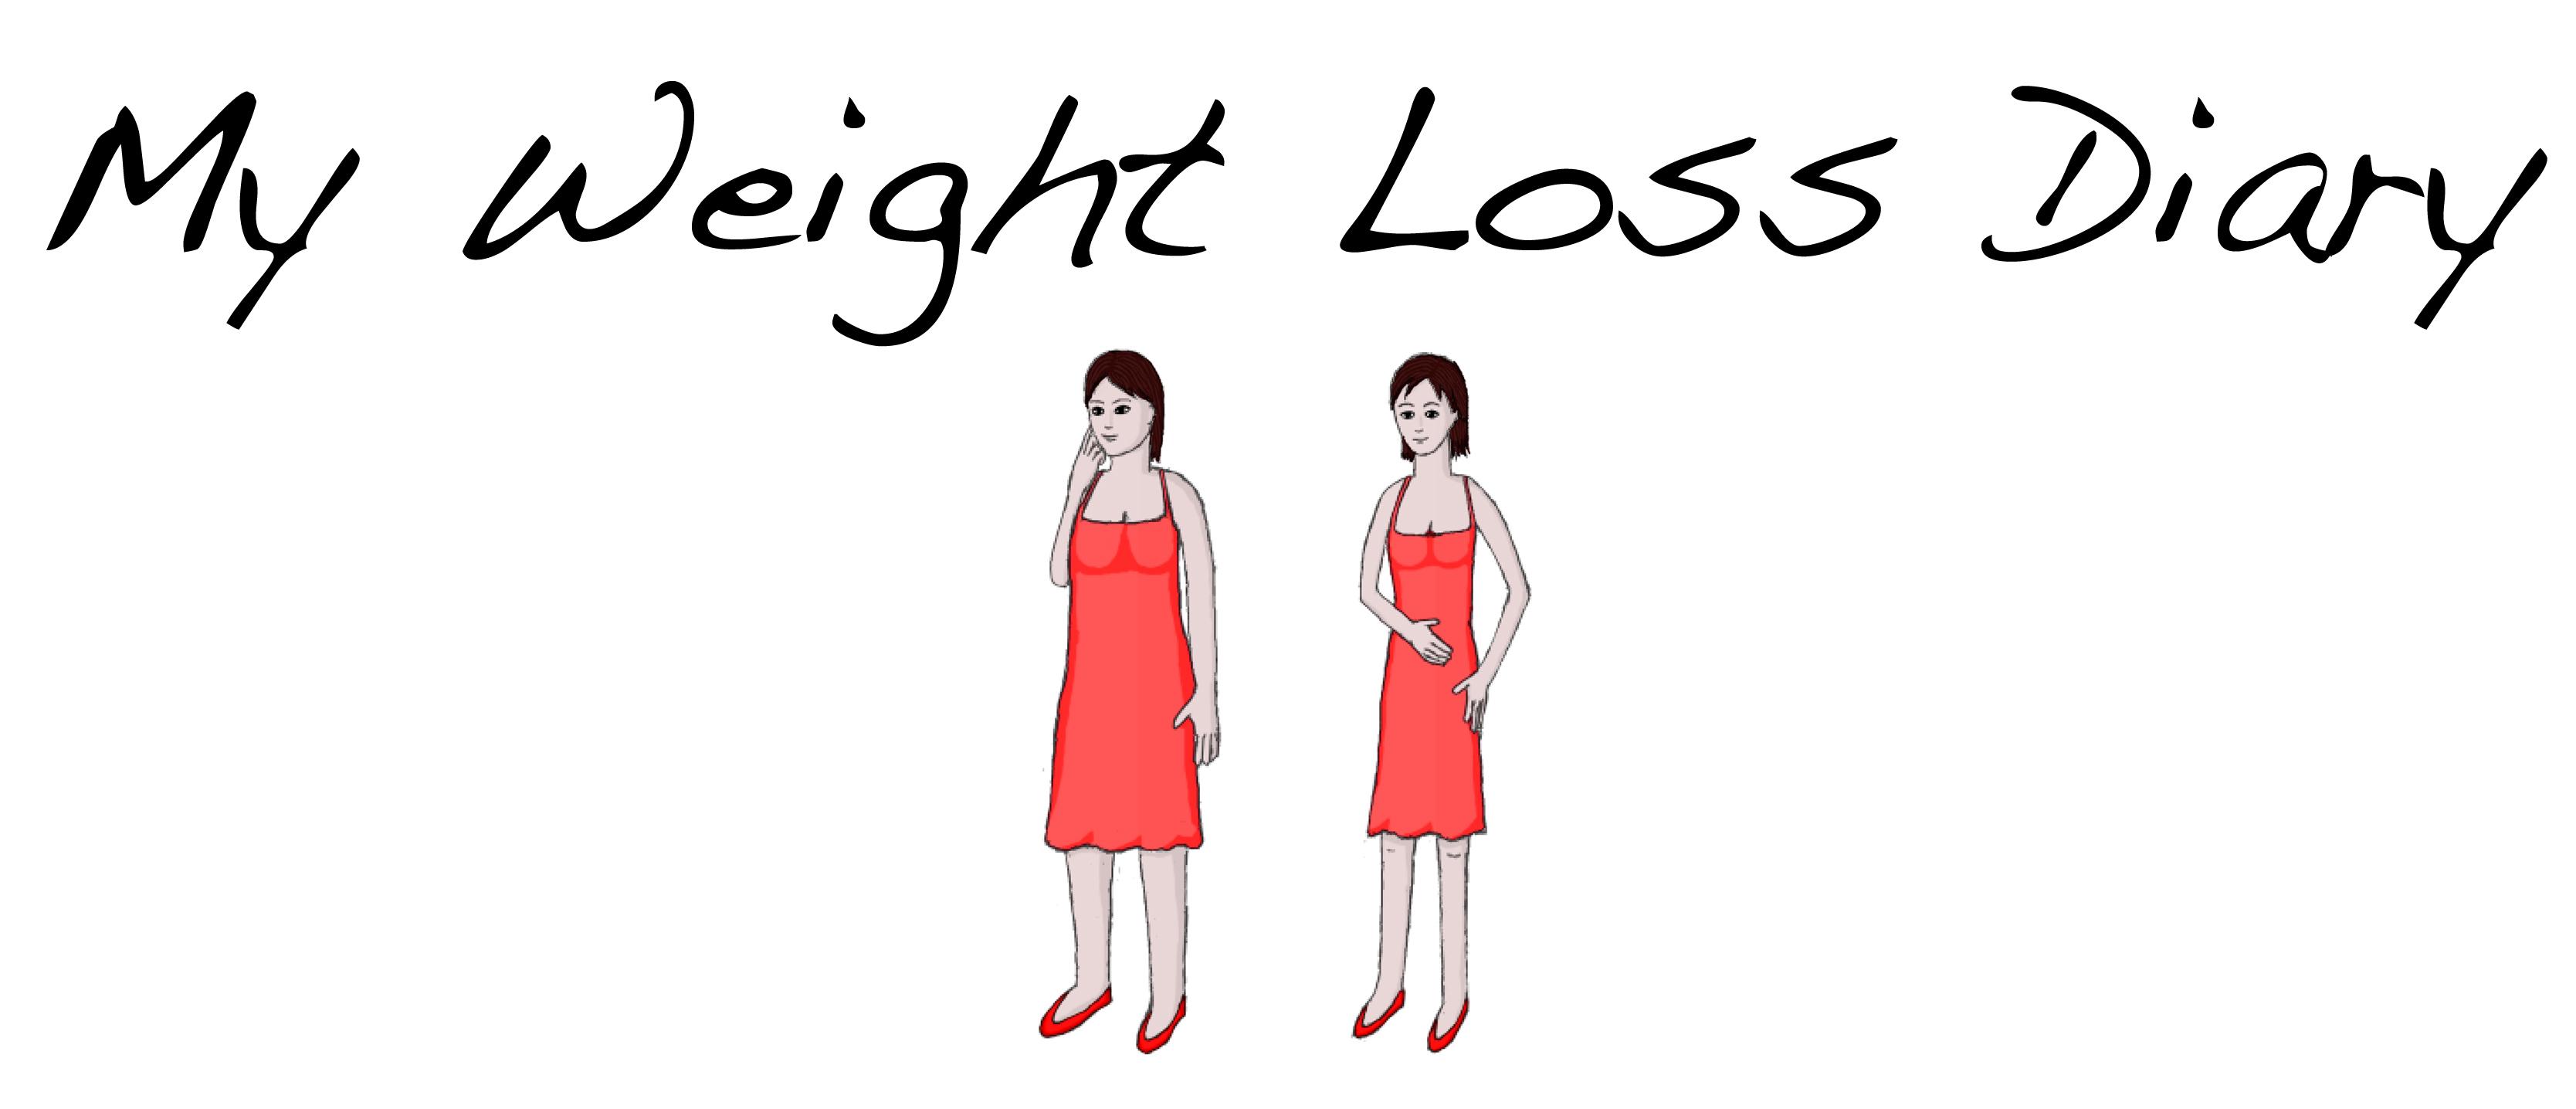 Best Prescription Weight Loss Pills Uk